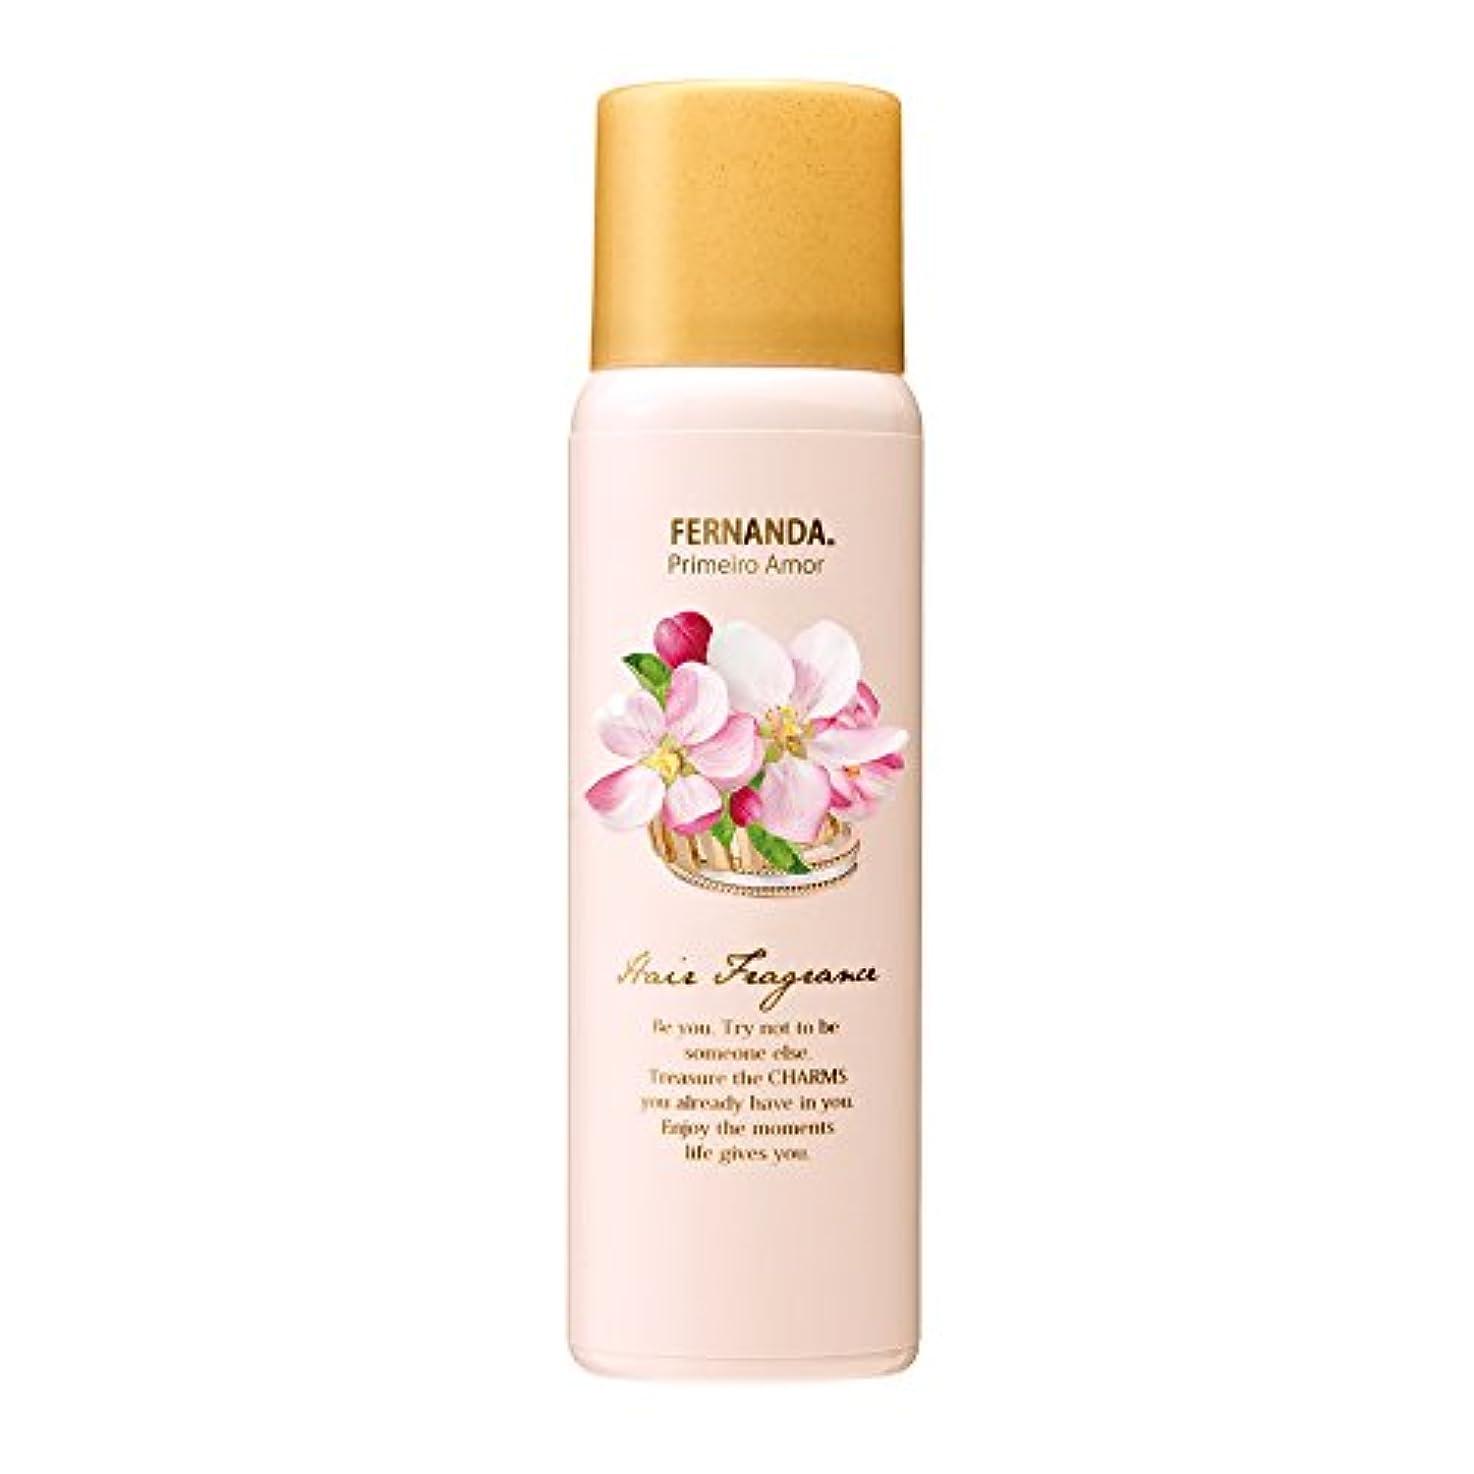 敵対的つま先読み書きのできないFERNANDA(フェルナンダ) Hair Fragrance Primeiro Amor (ヘアフレグランス プリメイロアモール)